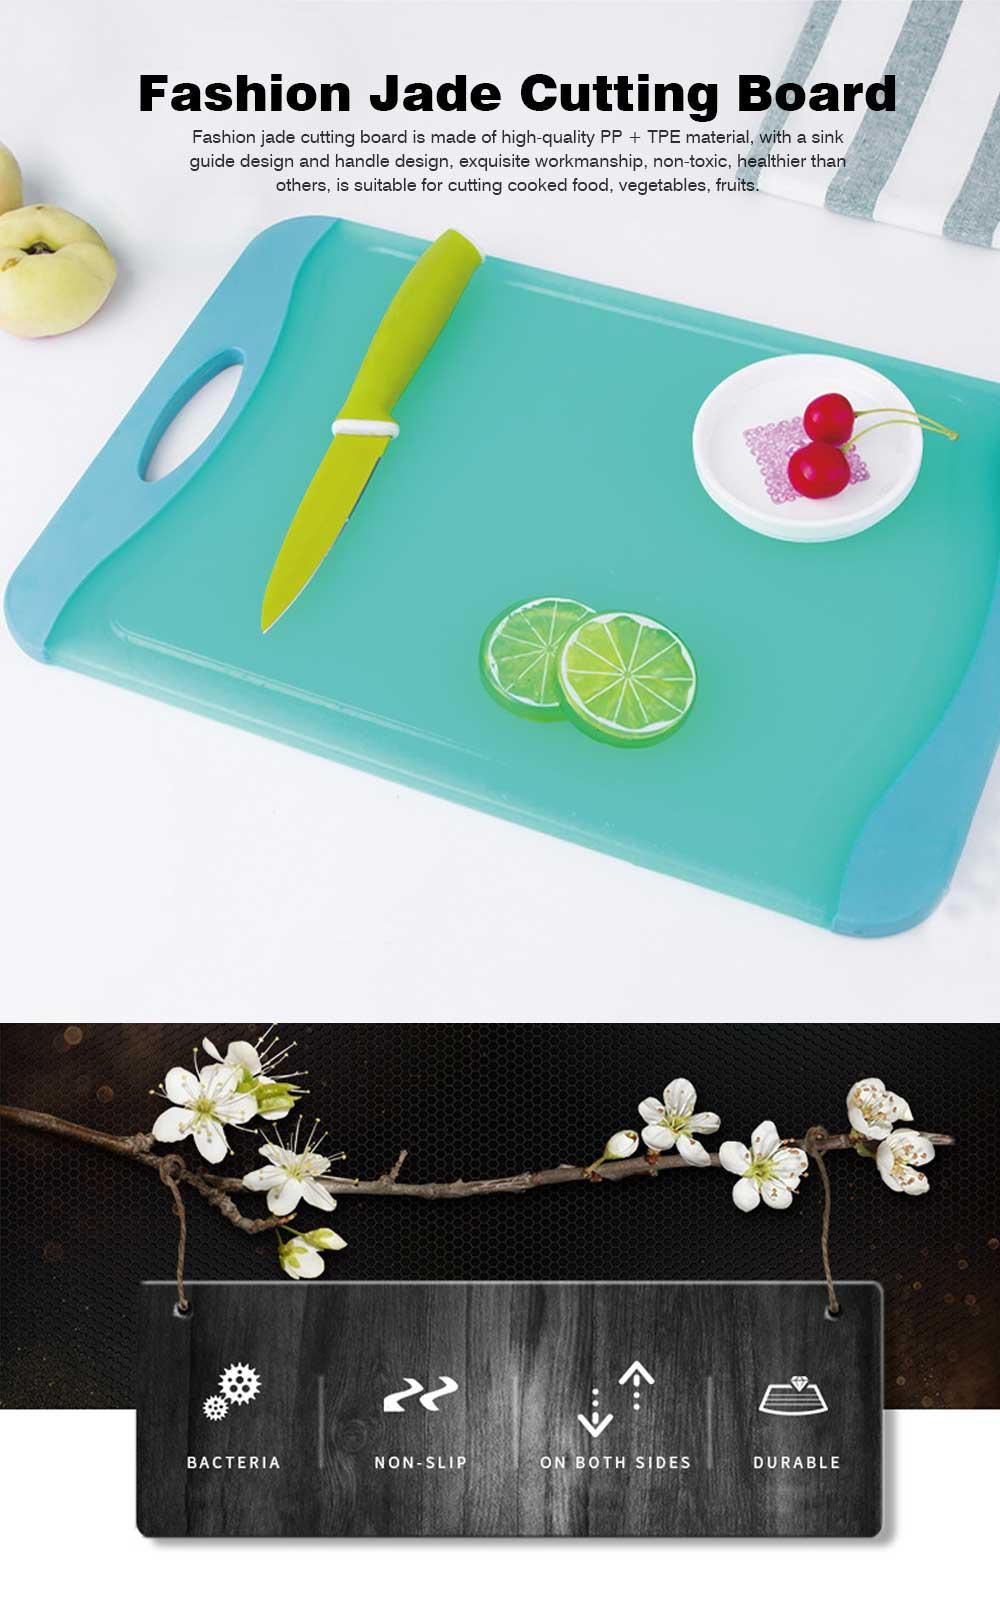 Healthy Wheat Straw Cutting Board, Multi-purpose Cutting Board for Cutting Cooked Food, Vegetables, Fruits 0